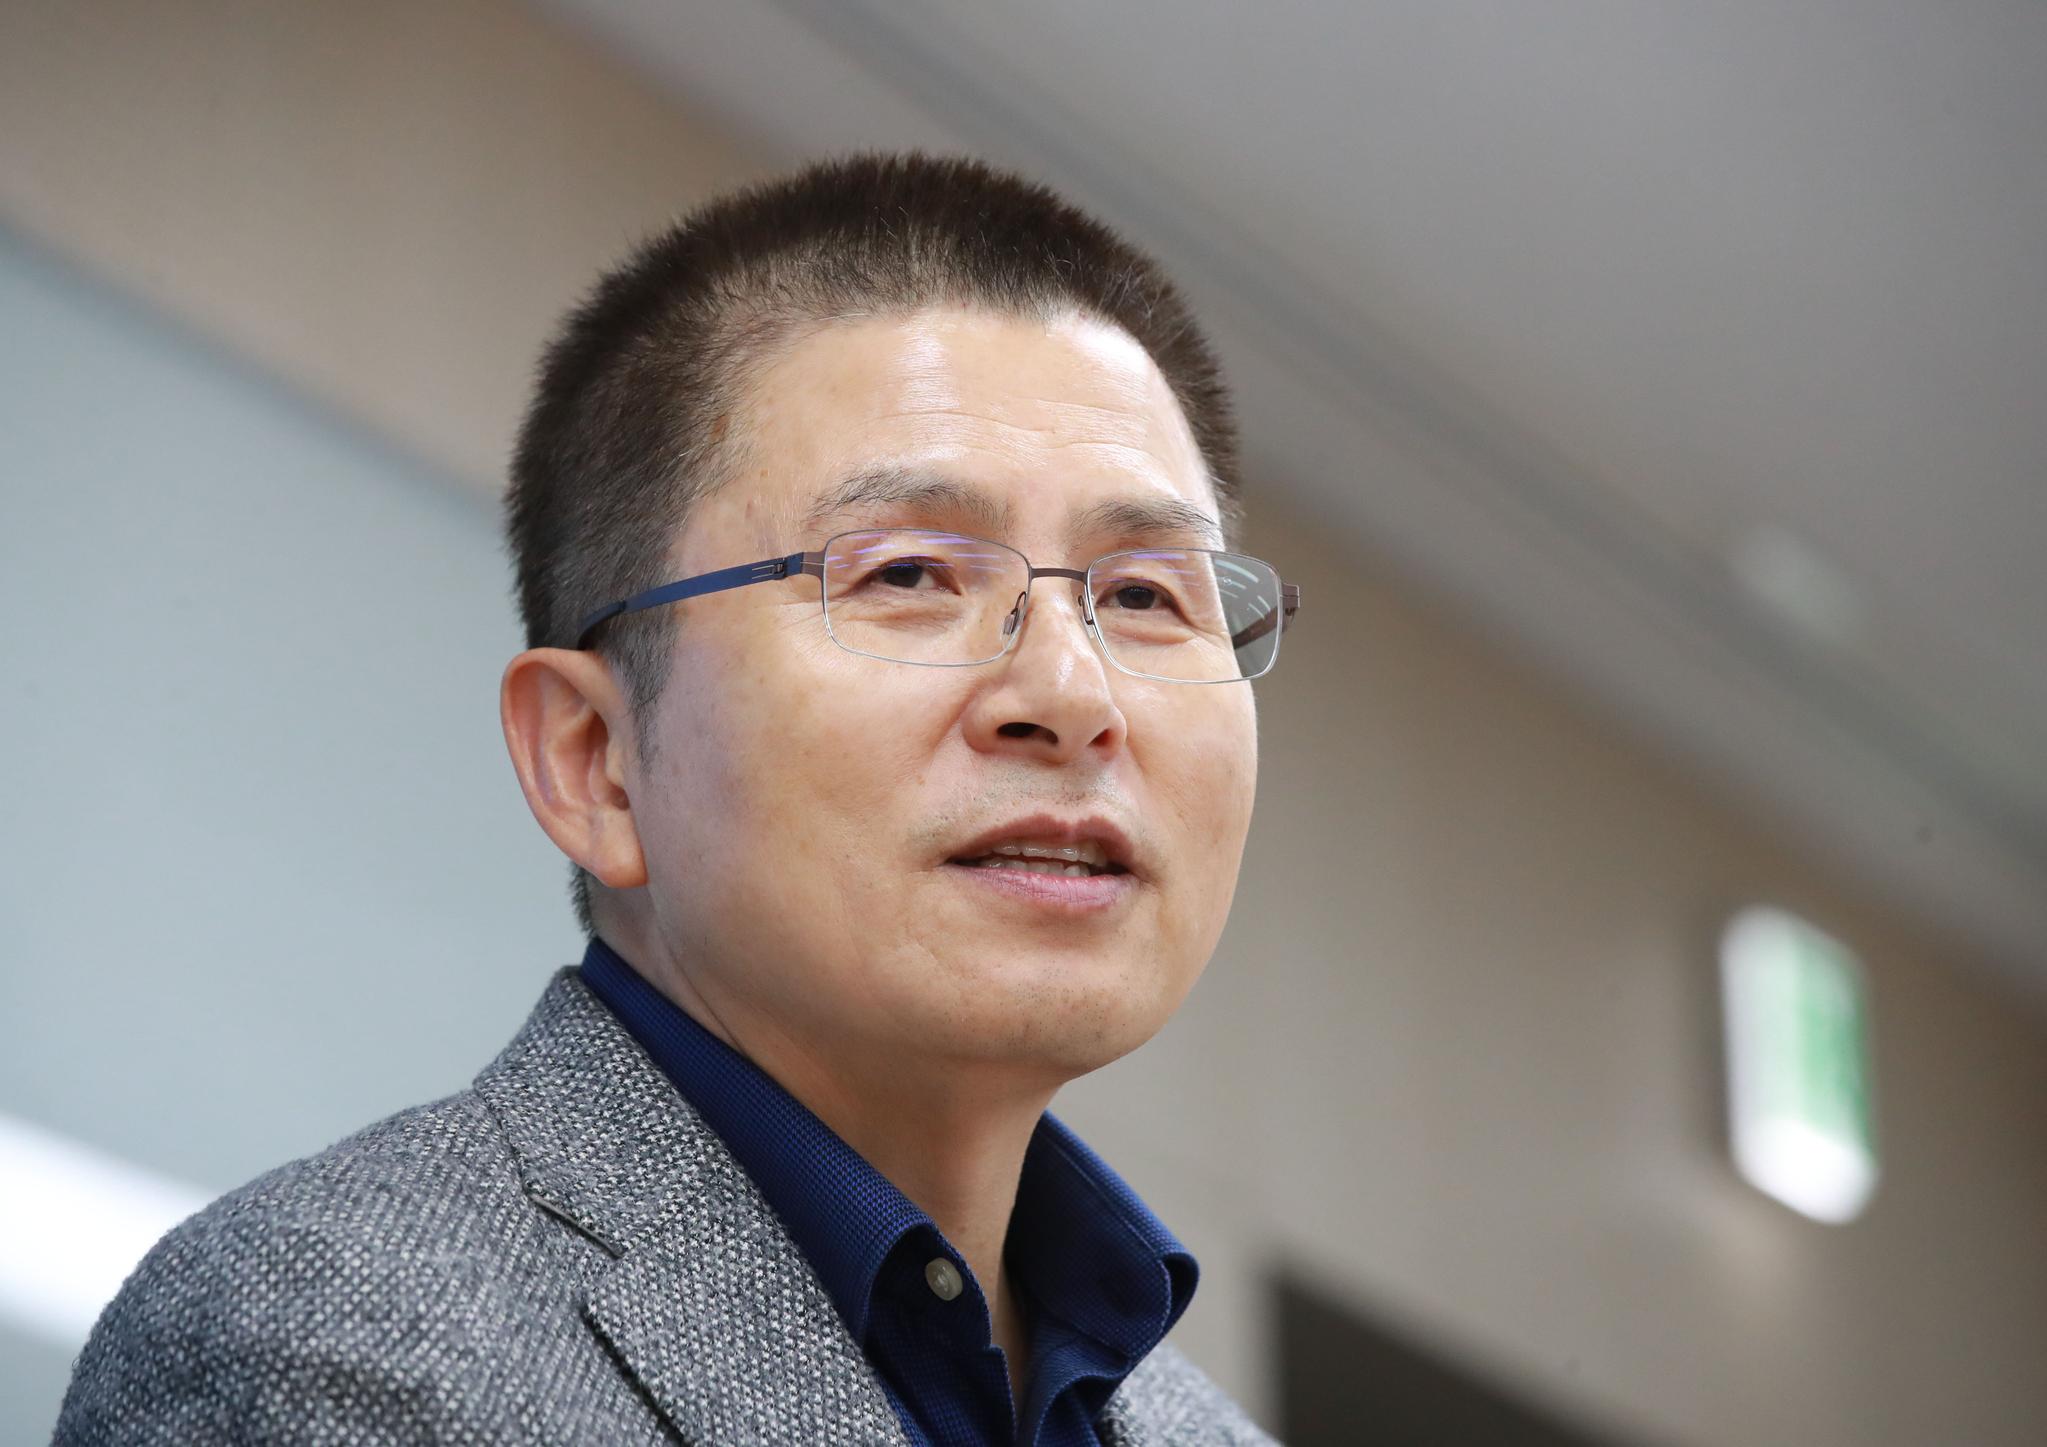 황교안 자유한국당 대표가 30일 오후 서울 건국대학교 상허연구관에서 '대한민국 국정대전환! 2030 G5를 넘어 2050 G2로'란 주제로 특강하고 있다. [연합뉴스]